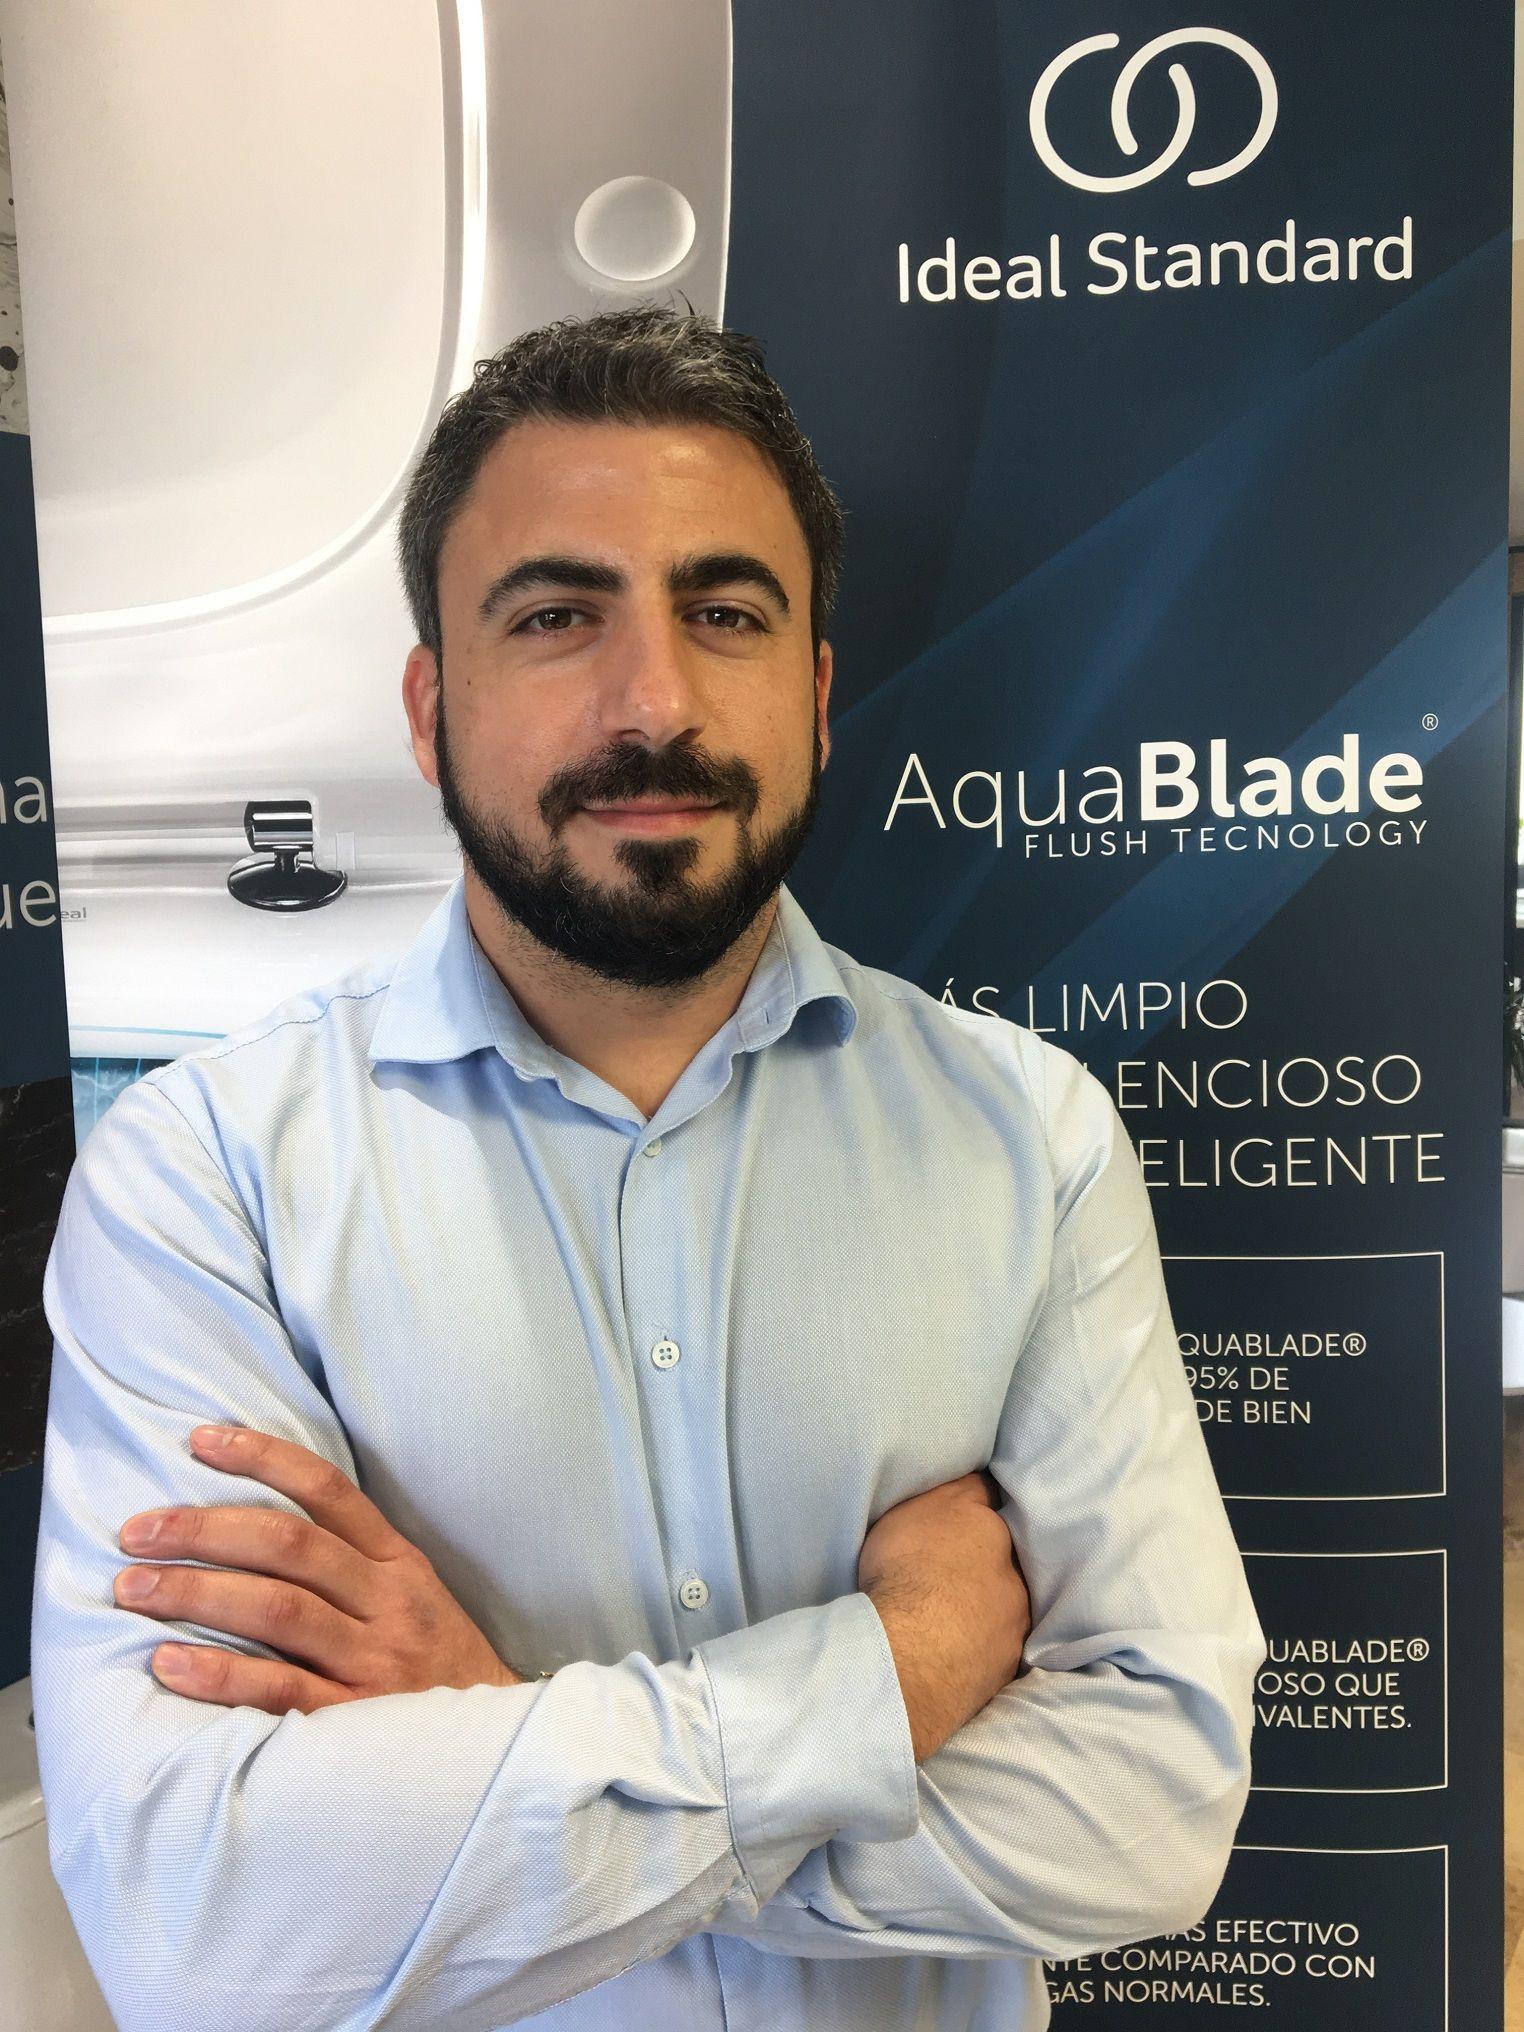 Ideal Standard nombra a Jordi Puig y Carlos Bañuls nuevos Responsables del Departamento de Prescripción